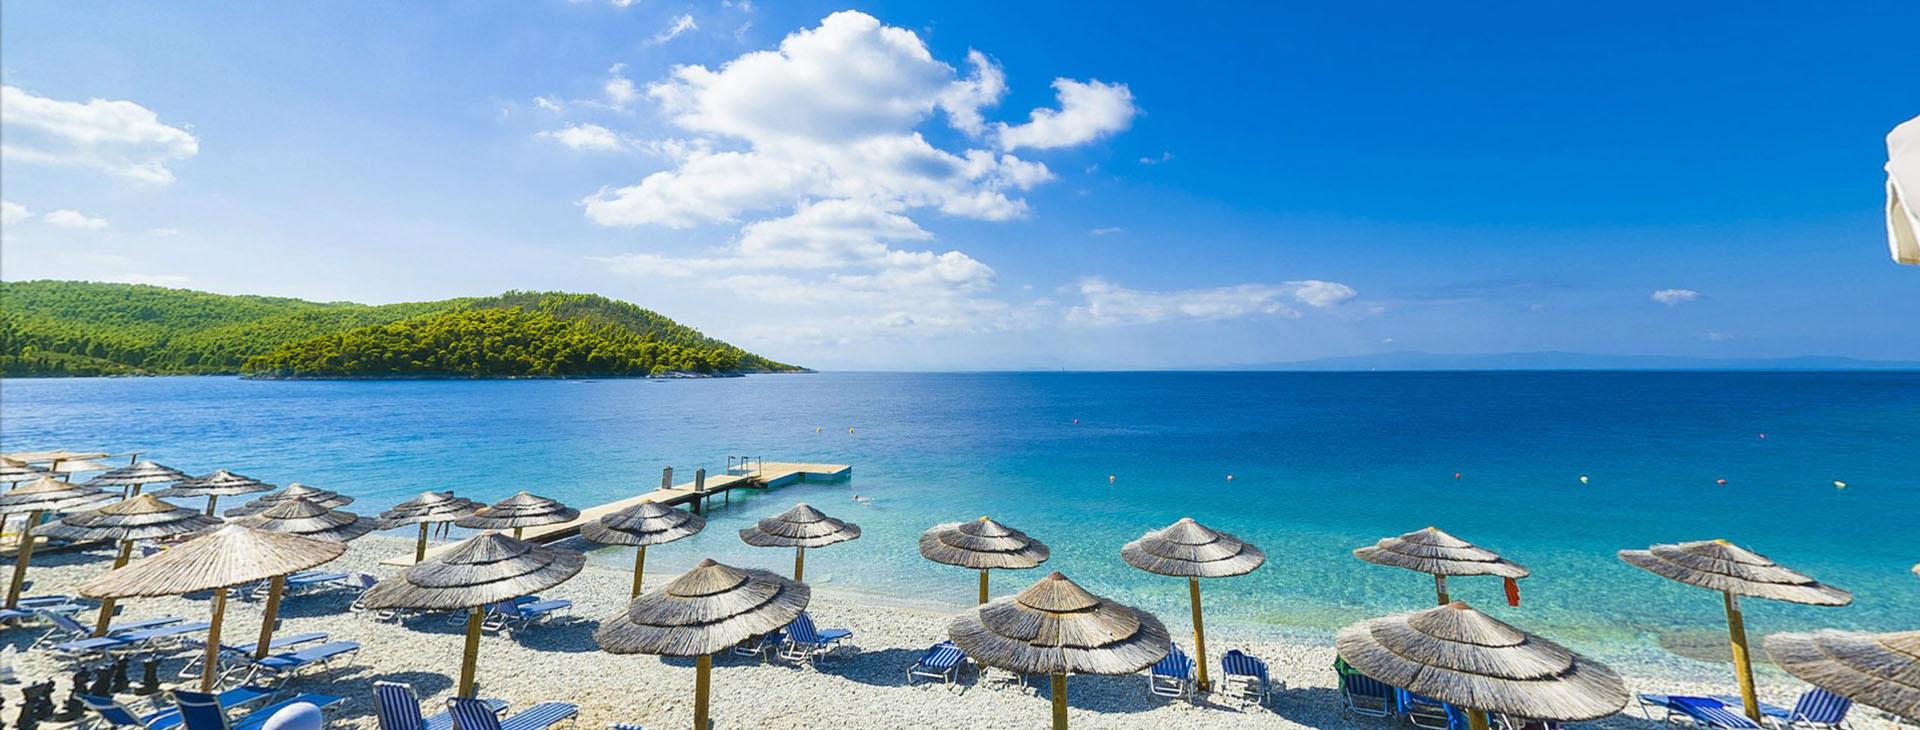 Beach at Skopelos island